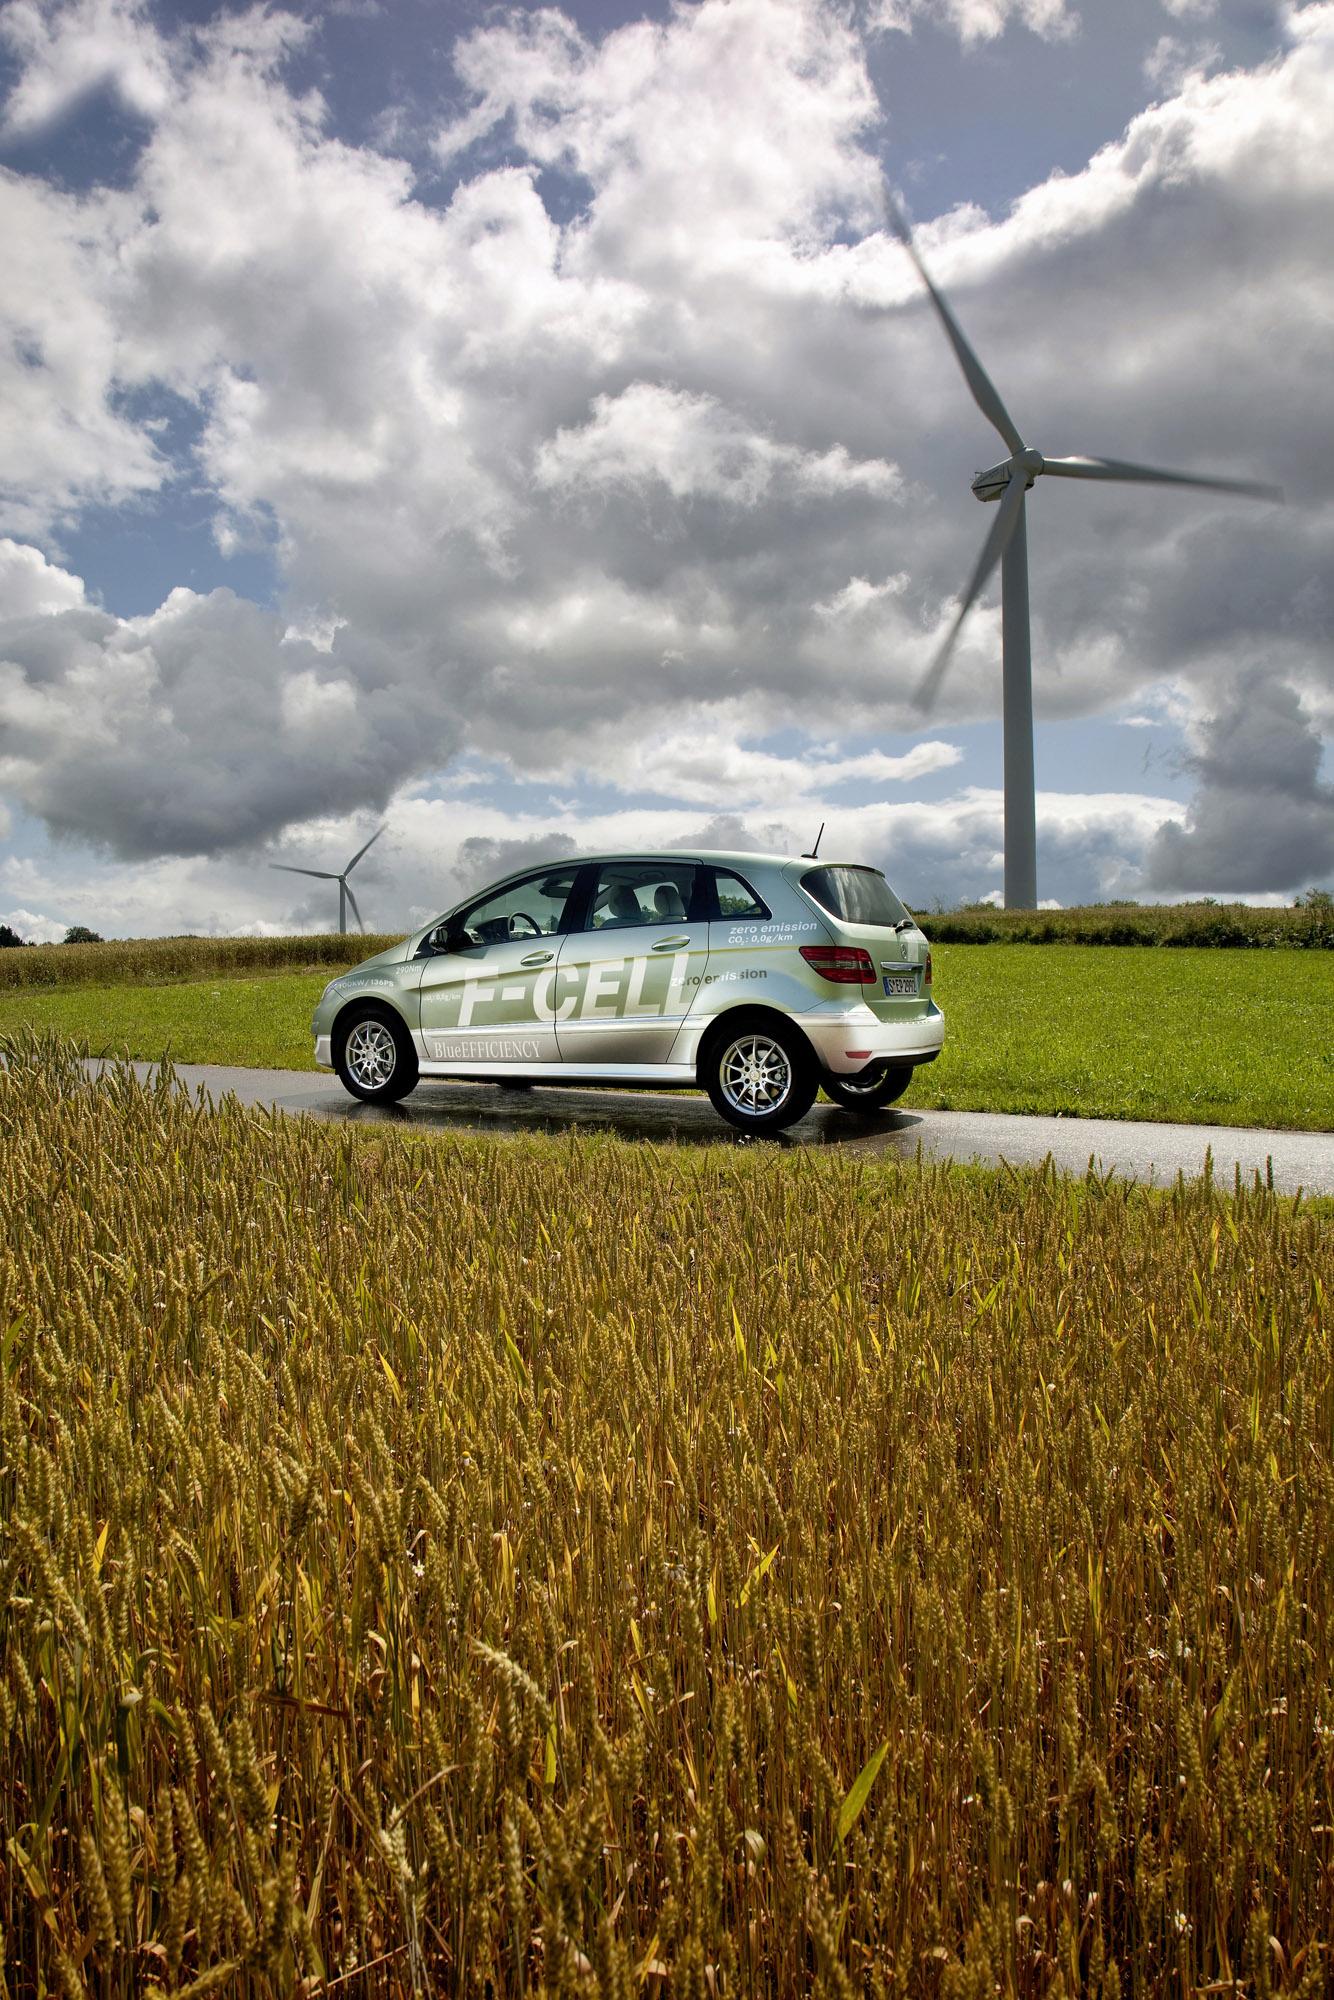 Mercedes-Benz B-класса F-CELL - новый ноль выбросов strike - фотография №3